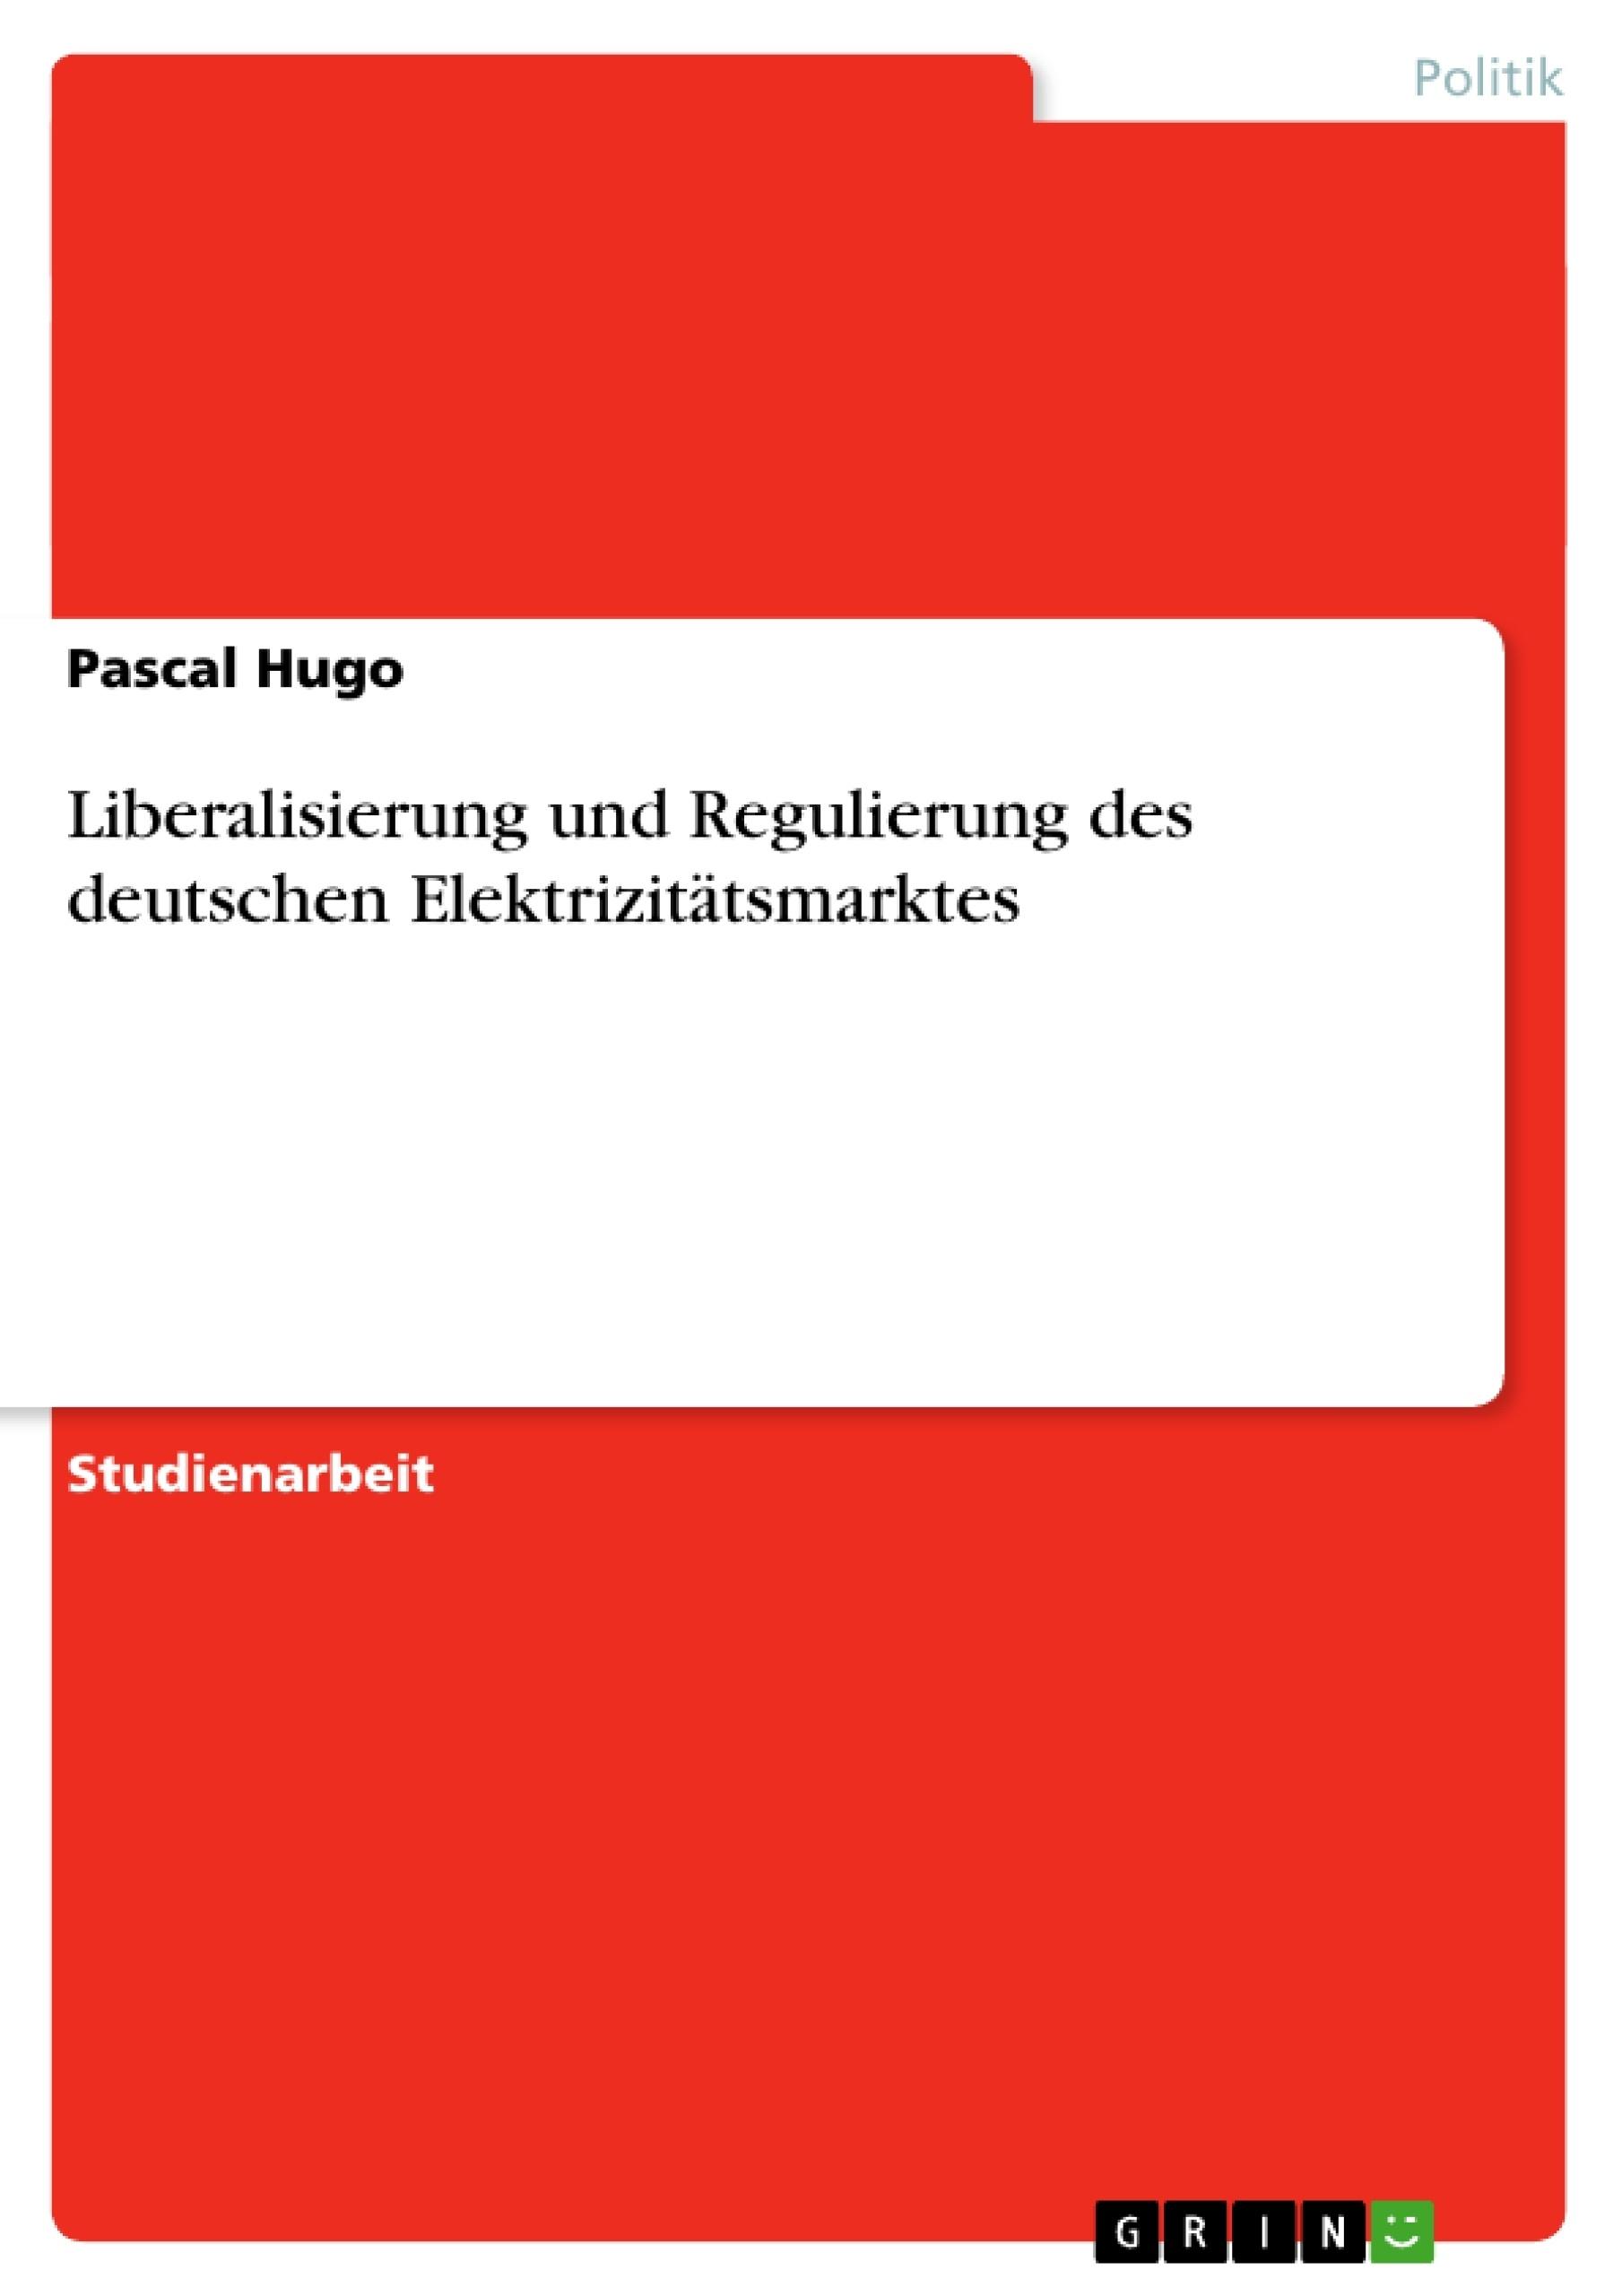 Titel: Liberalisierung und Regulierung des deutschen Elektrizitätsmarktes